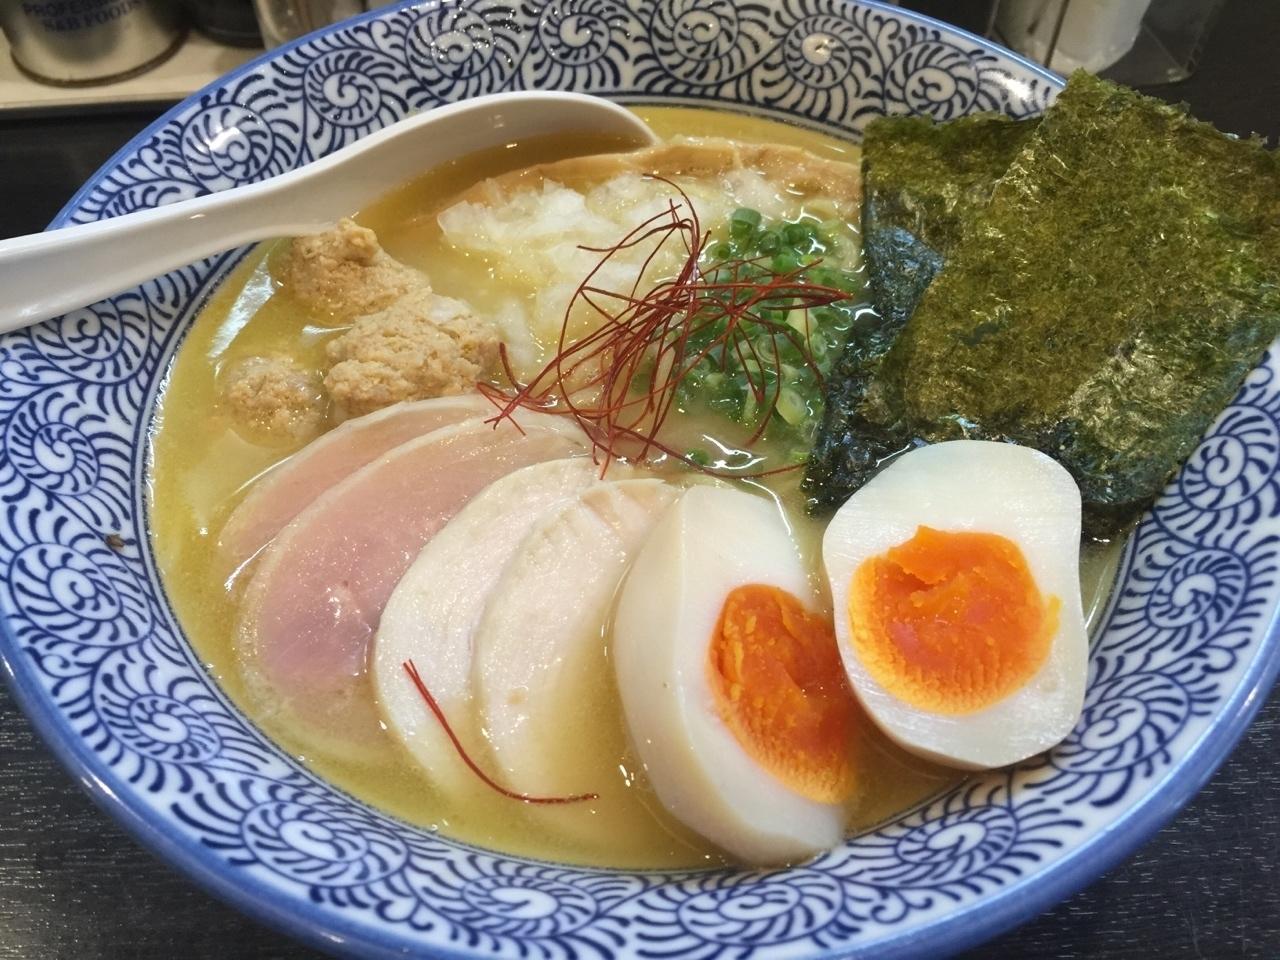 シメのご飯まで楽しみたいラーメン多数!曙橋駅周辺のラーメン店まとめ